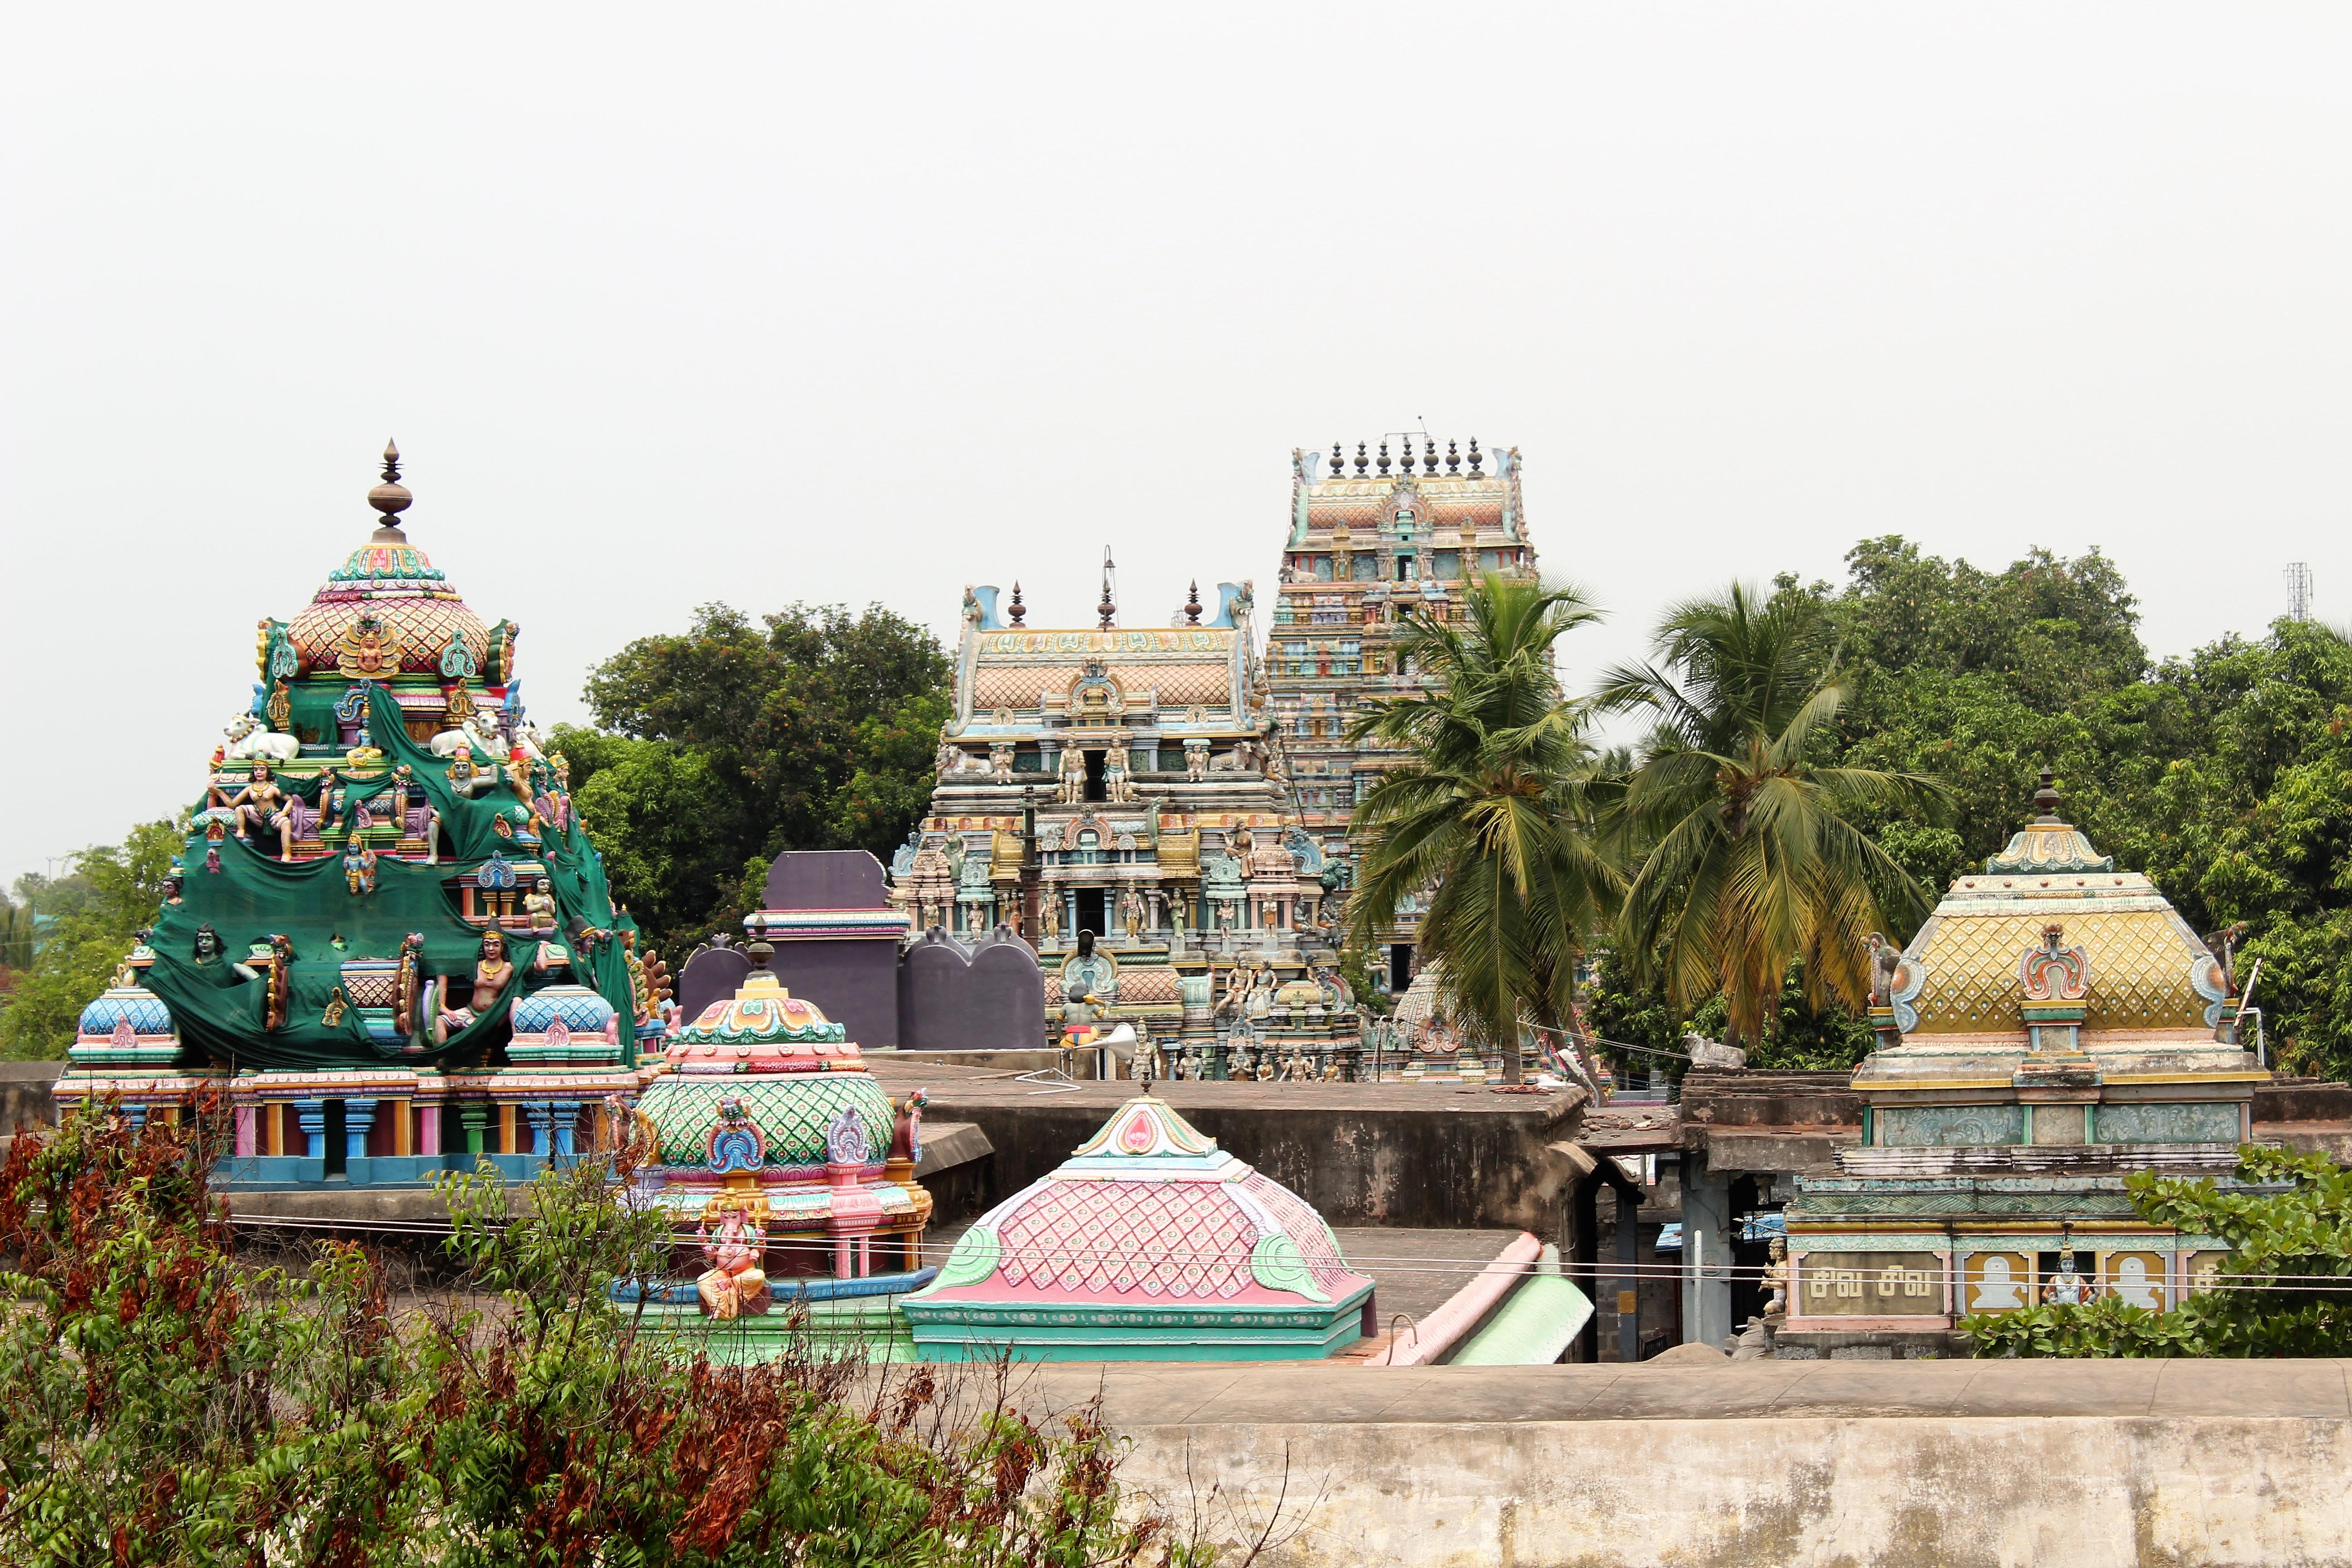 Chandramouleeswar temple, Thiruvakkarai - Wikipedia